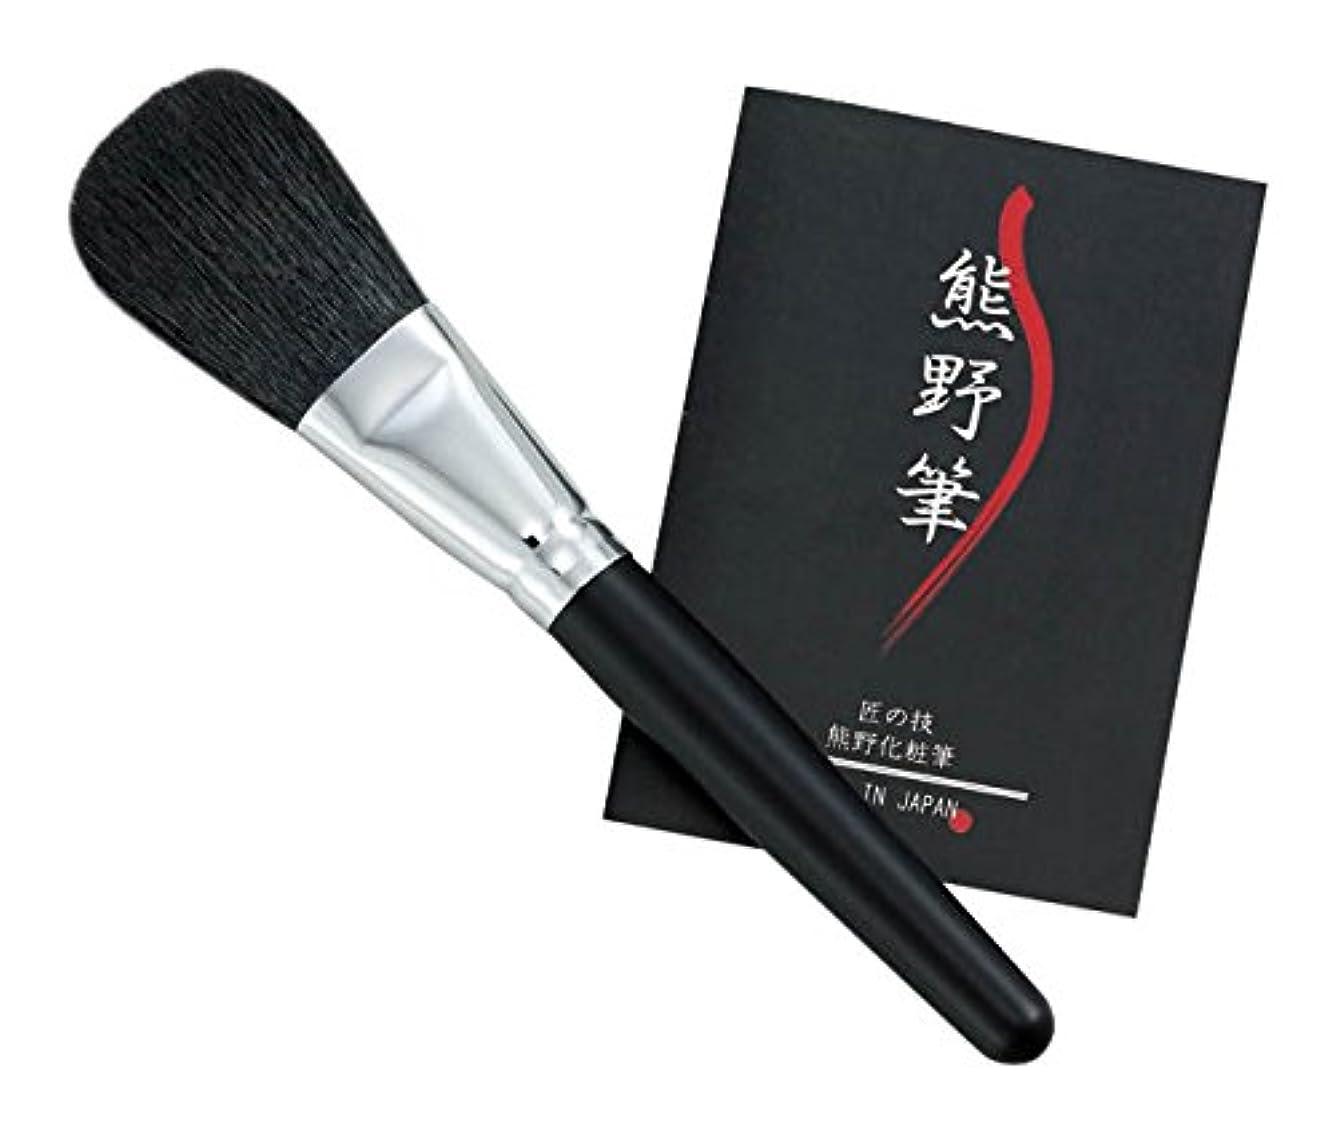 ディレクトリ権利を与える用量ゼニス 熊野化粧筆 筆の心 フェイスブラシ(ロング)